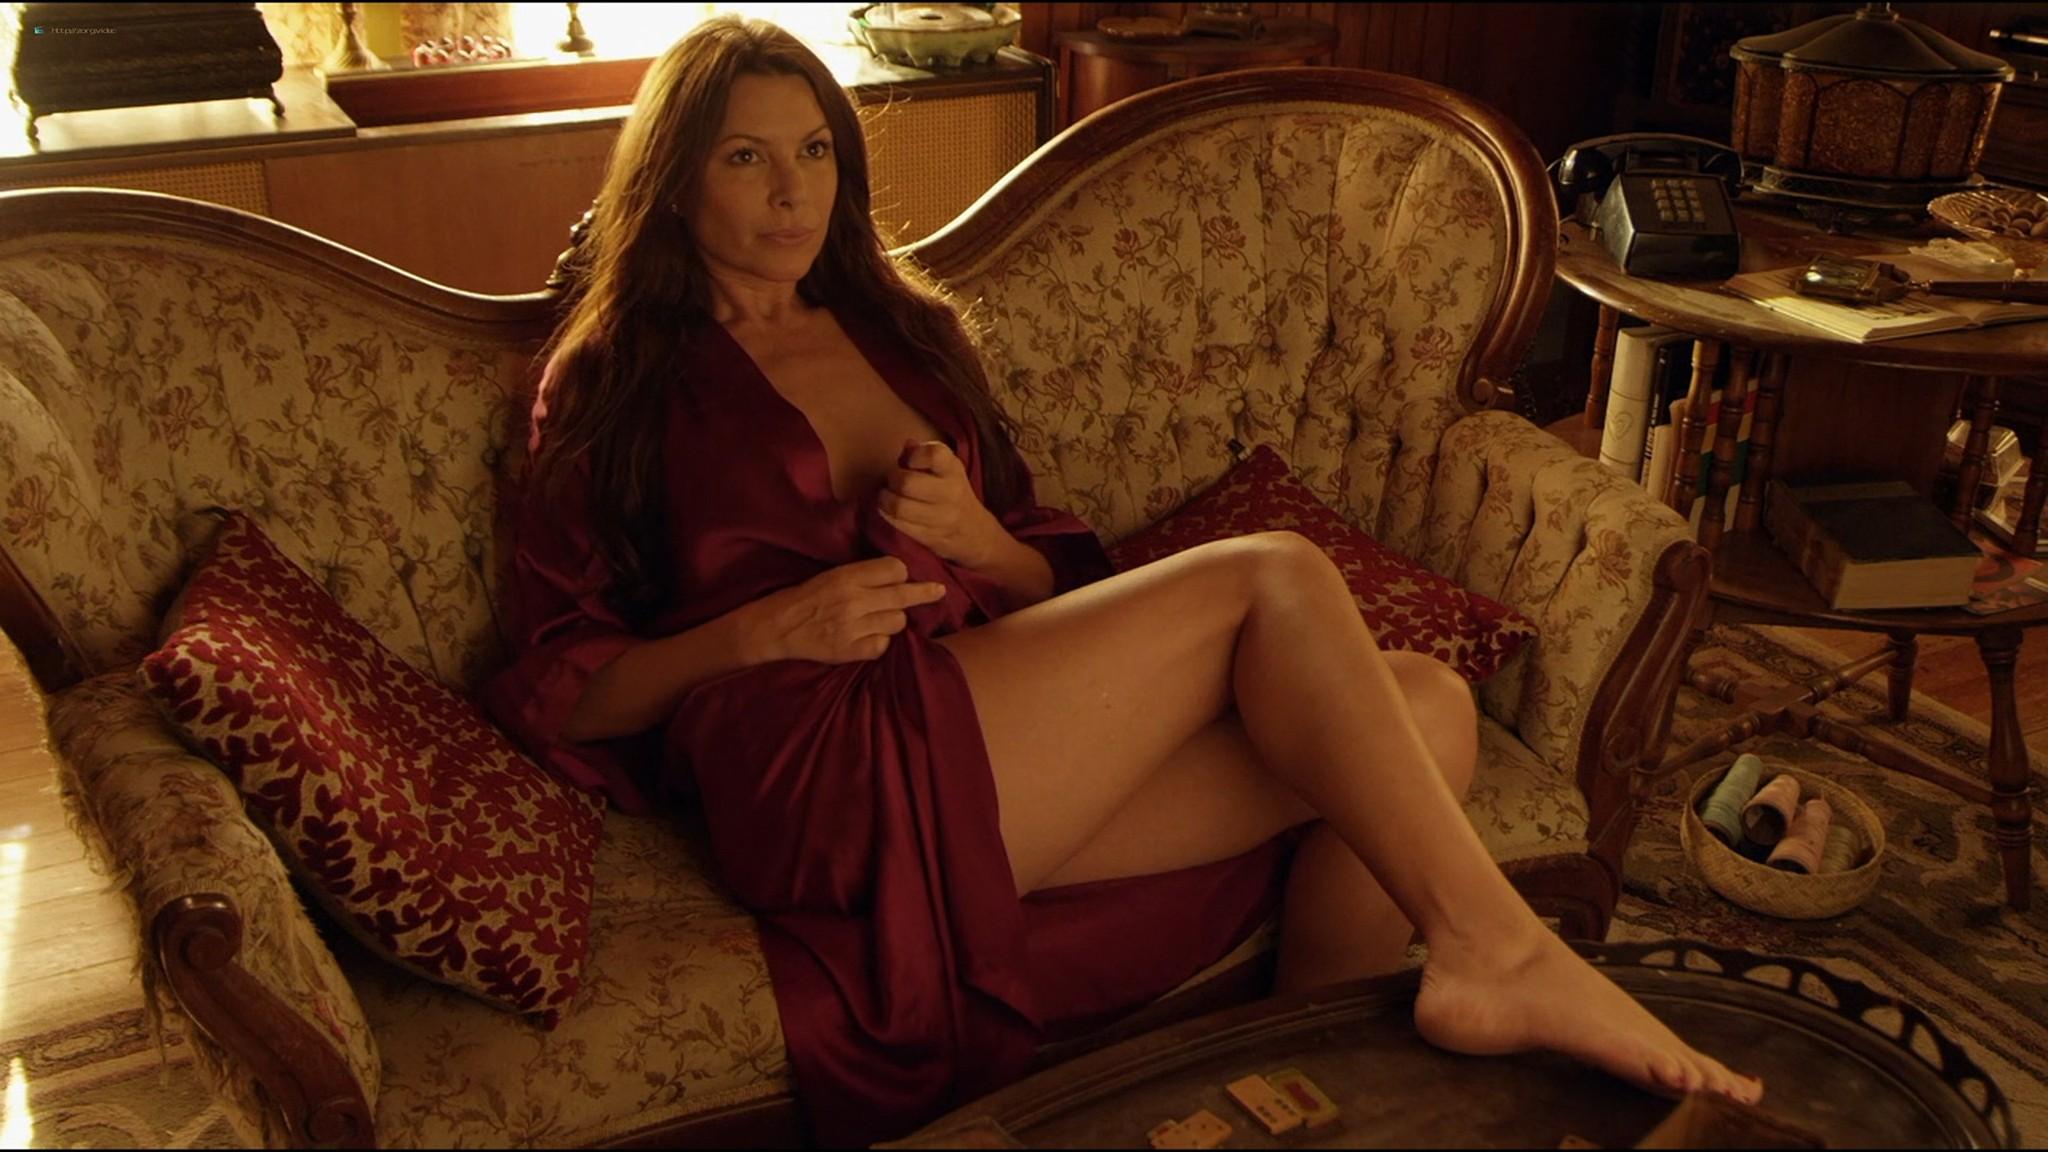 Kari Wuhrer nude Mia Serafino, Mary Anthony sexy - Secrets of a Psychopath (2013) HD 1080p Web (11)